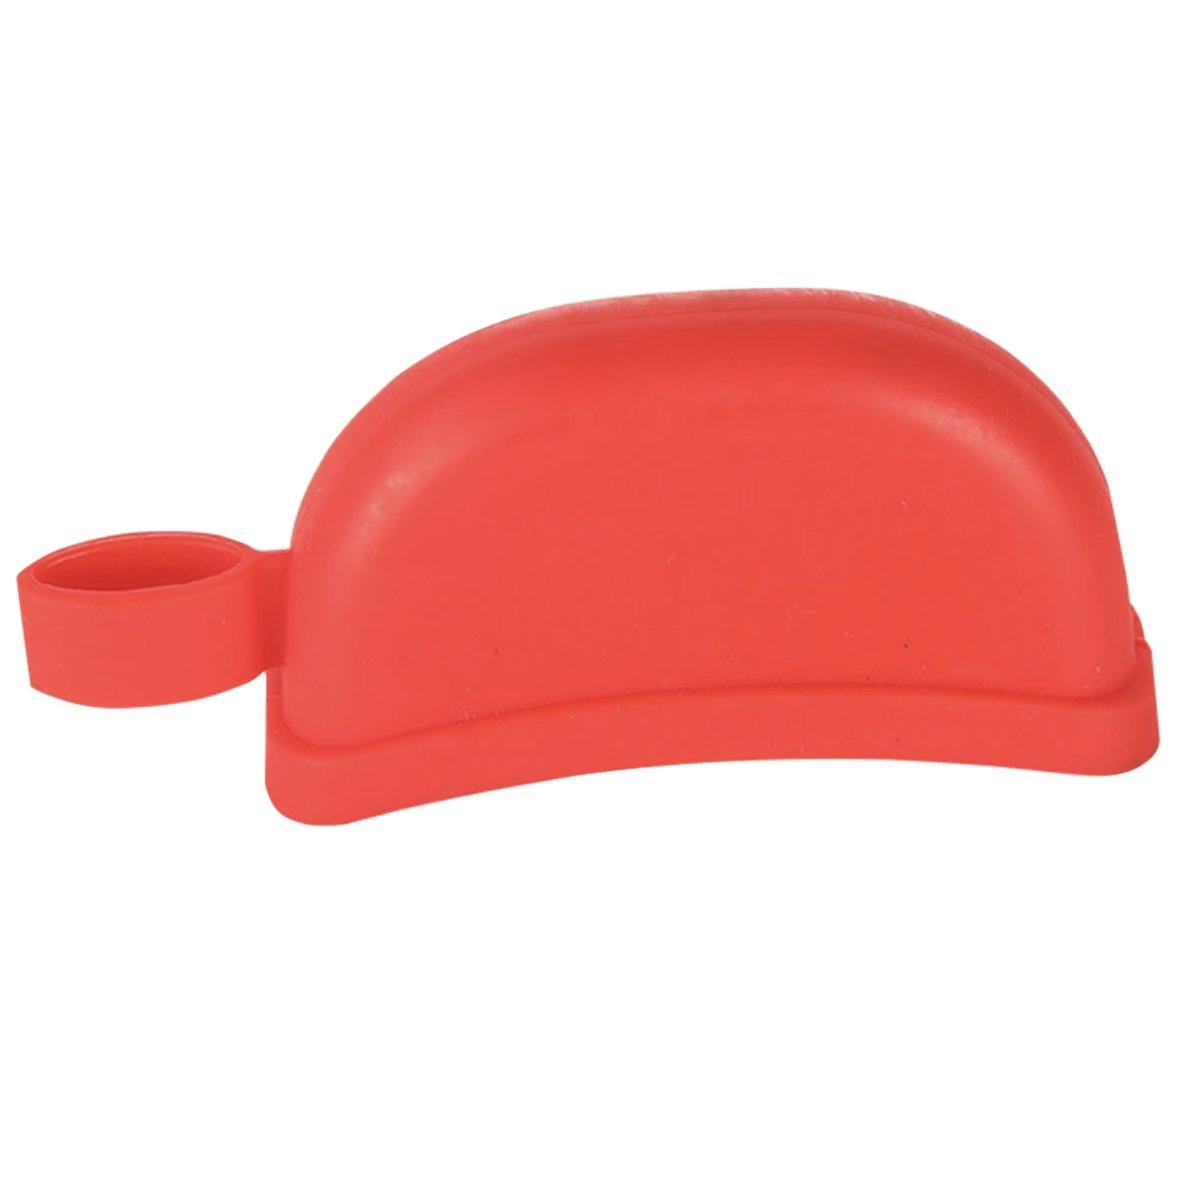 Hittebestendig pot handvat - brandt je nooit meer aan jouw pot! - pot handvat - Plastic handvat bescherming kopen